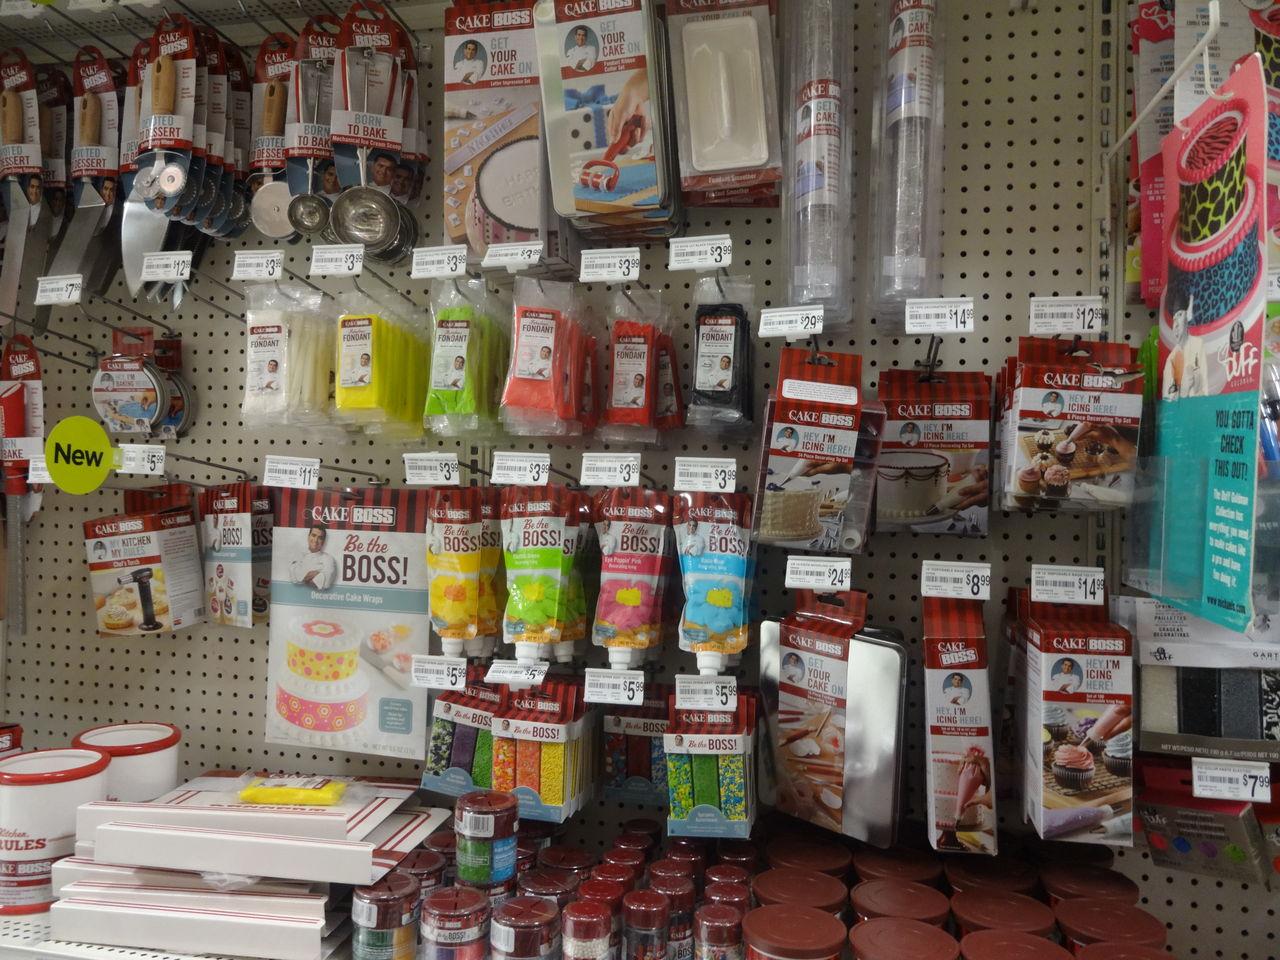 Wilton(ウィルトン)の品揃えが豊富なお店 Michaels アメリカの雑貨とお菓子が日本にいながら楽しめる